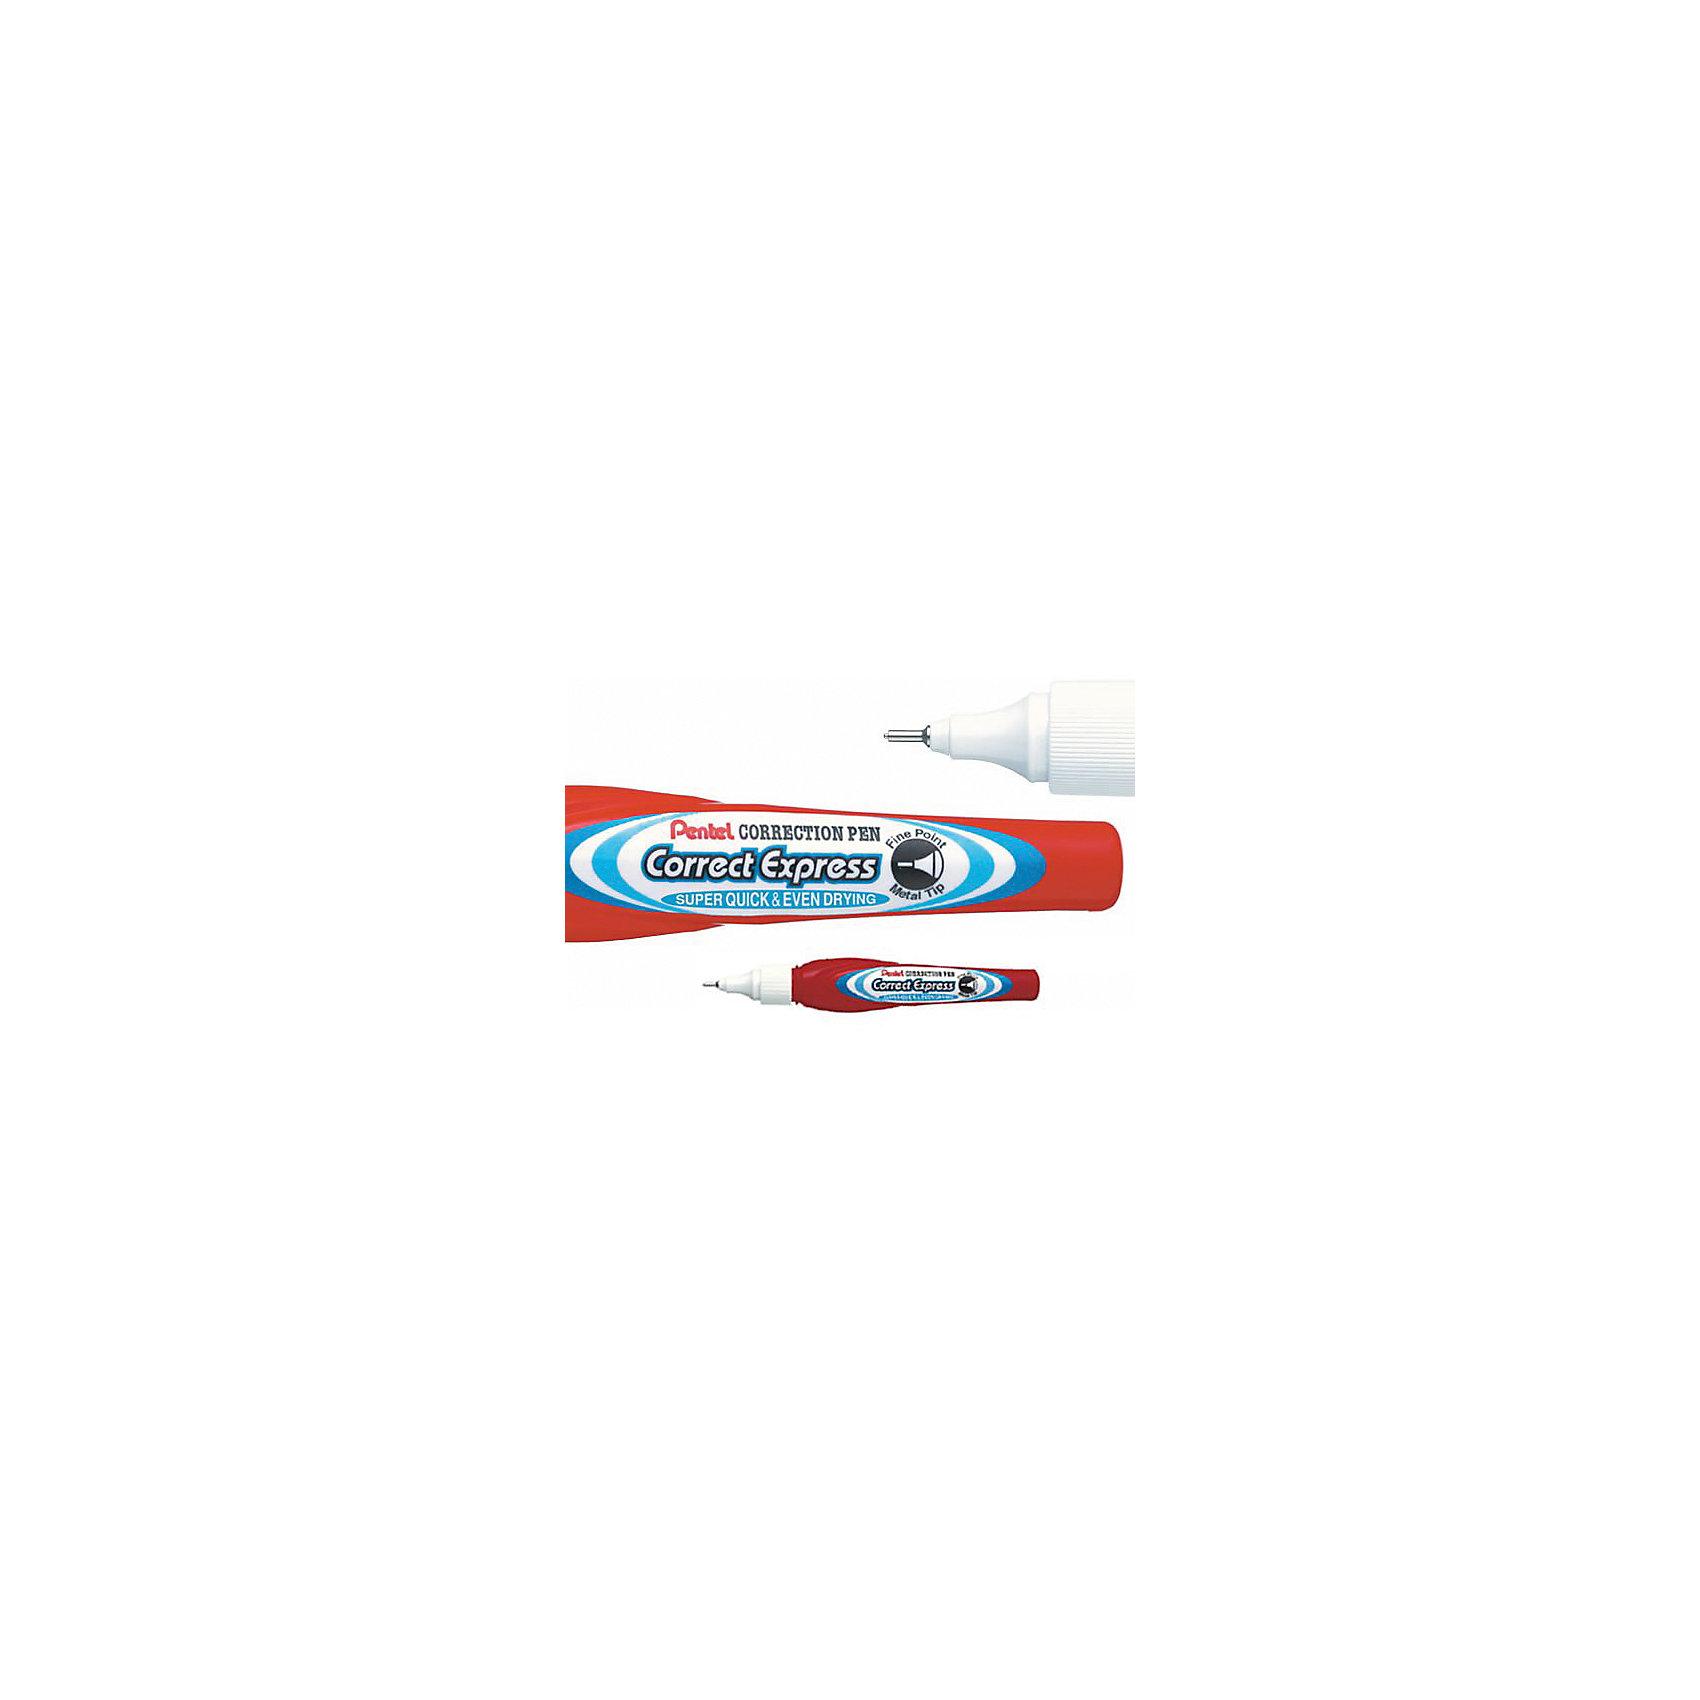 Корректор Correct Express, 7 мл, 1мм PentelШкольные аксессуары<br>Характеристики:<br><br>• возраст: от 6 лет<br>• площадь коррекции: 630 кв. см.<br>• толщина линии: 0,1 мм.<br>• объем: 7 мл.<br>• материал корпуса: пластик<br><br>Корректор в форме ручки «Correct Express» поможет аккуратно исправить ошибки и опечатки в тексте. <br><br>Корректор оснащен инновационным тонким, круглым наконечником обеспечивающим точность исправлений. Жидкость быстро сохнет, мягко ложится на бумагу, обеспечивая гладкое ровное покрытие.<br><br>Удобный колпачок с клипом предотвращает преждевременное высыхание жидкости. Корректор водоустойчив, без запаха, не токсичен.<br><br>Корректор Correct Express, 7 мл, 1мм Pentel (Пентел) можно купить в нашем интернет-магазине.<br><br>Ширина мм: 20<br>Глубина мм: 15<br>Высота мм: 130<br>Вес г: 25<br>Возраст от месяцев: 72<br>Возраст до месяцев: 2147483647<br>Пол: Унисекс<br>Возраст: Детский<br>SKU: 7010447